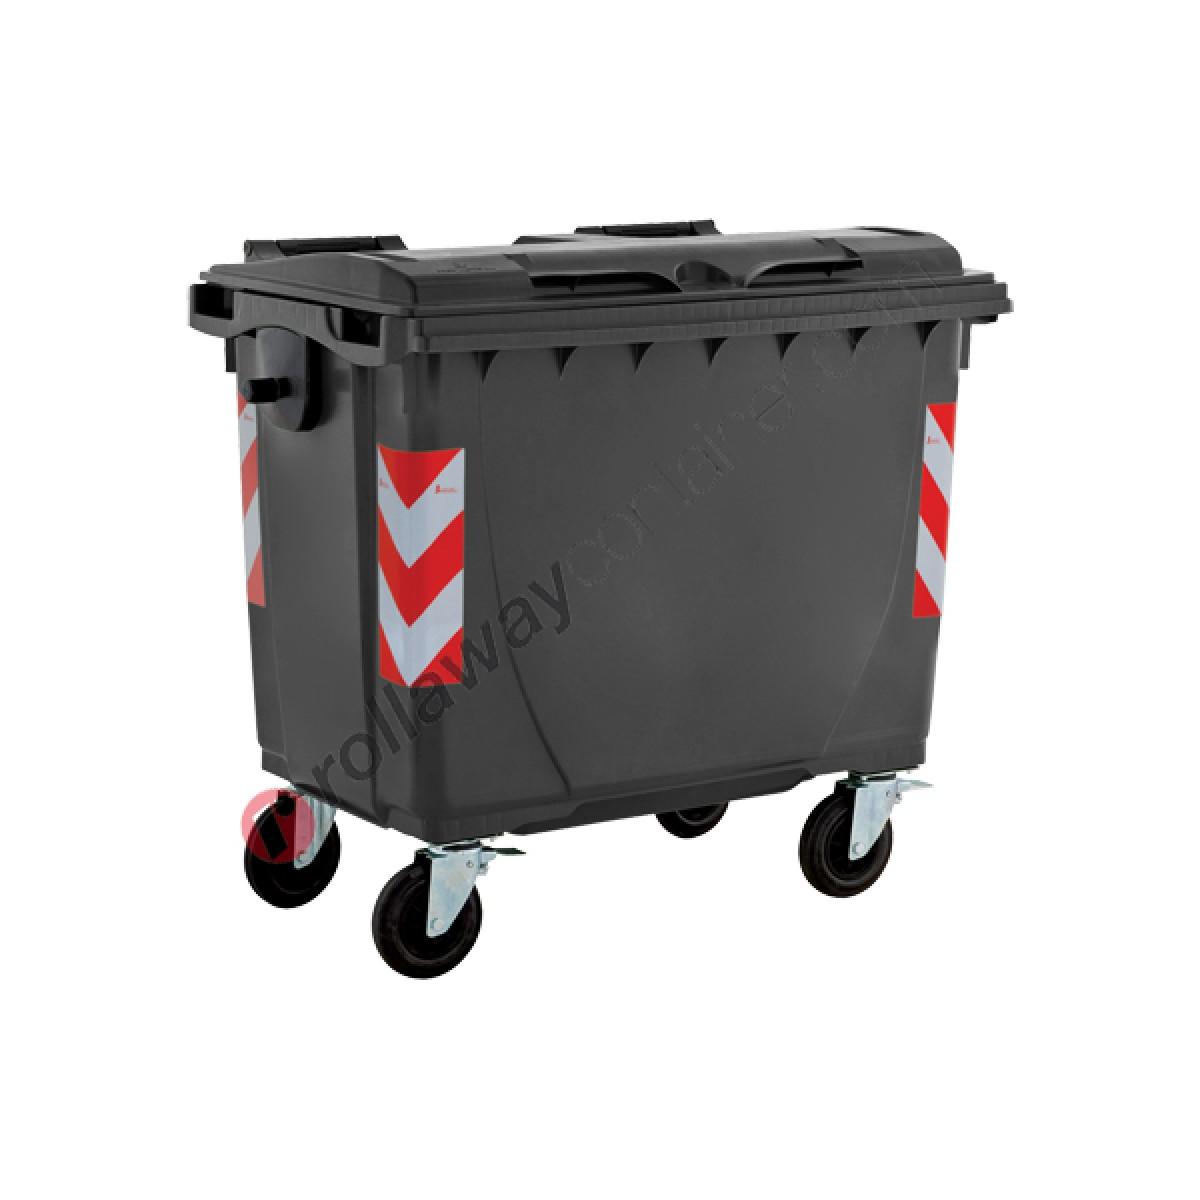 Box Per Bidoni Spazzatura cassonetti raccolta differenziata spazzatura, rifiuti e immondizia da 660  litri con 4 ruote